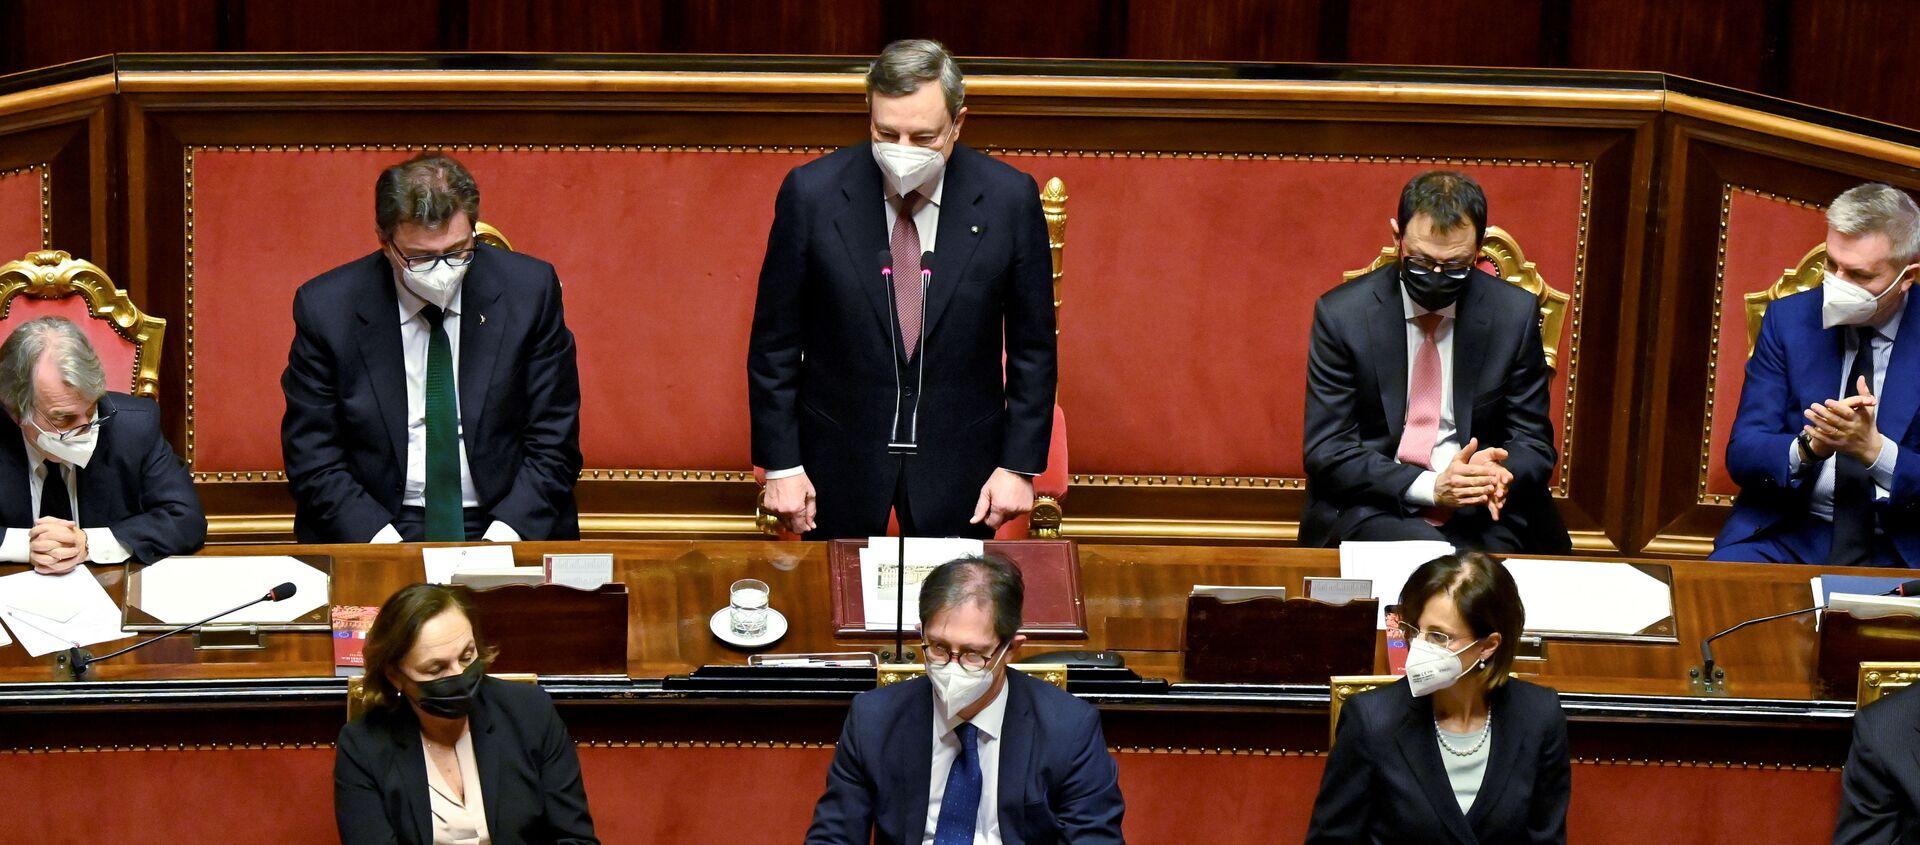 Il presidente del Consiglio Mario Draghi al Senato - Sputnik Italia, 1920, 23.02.2021